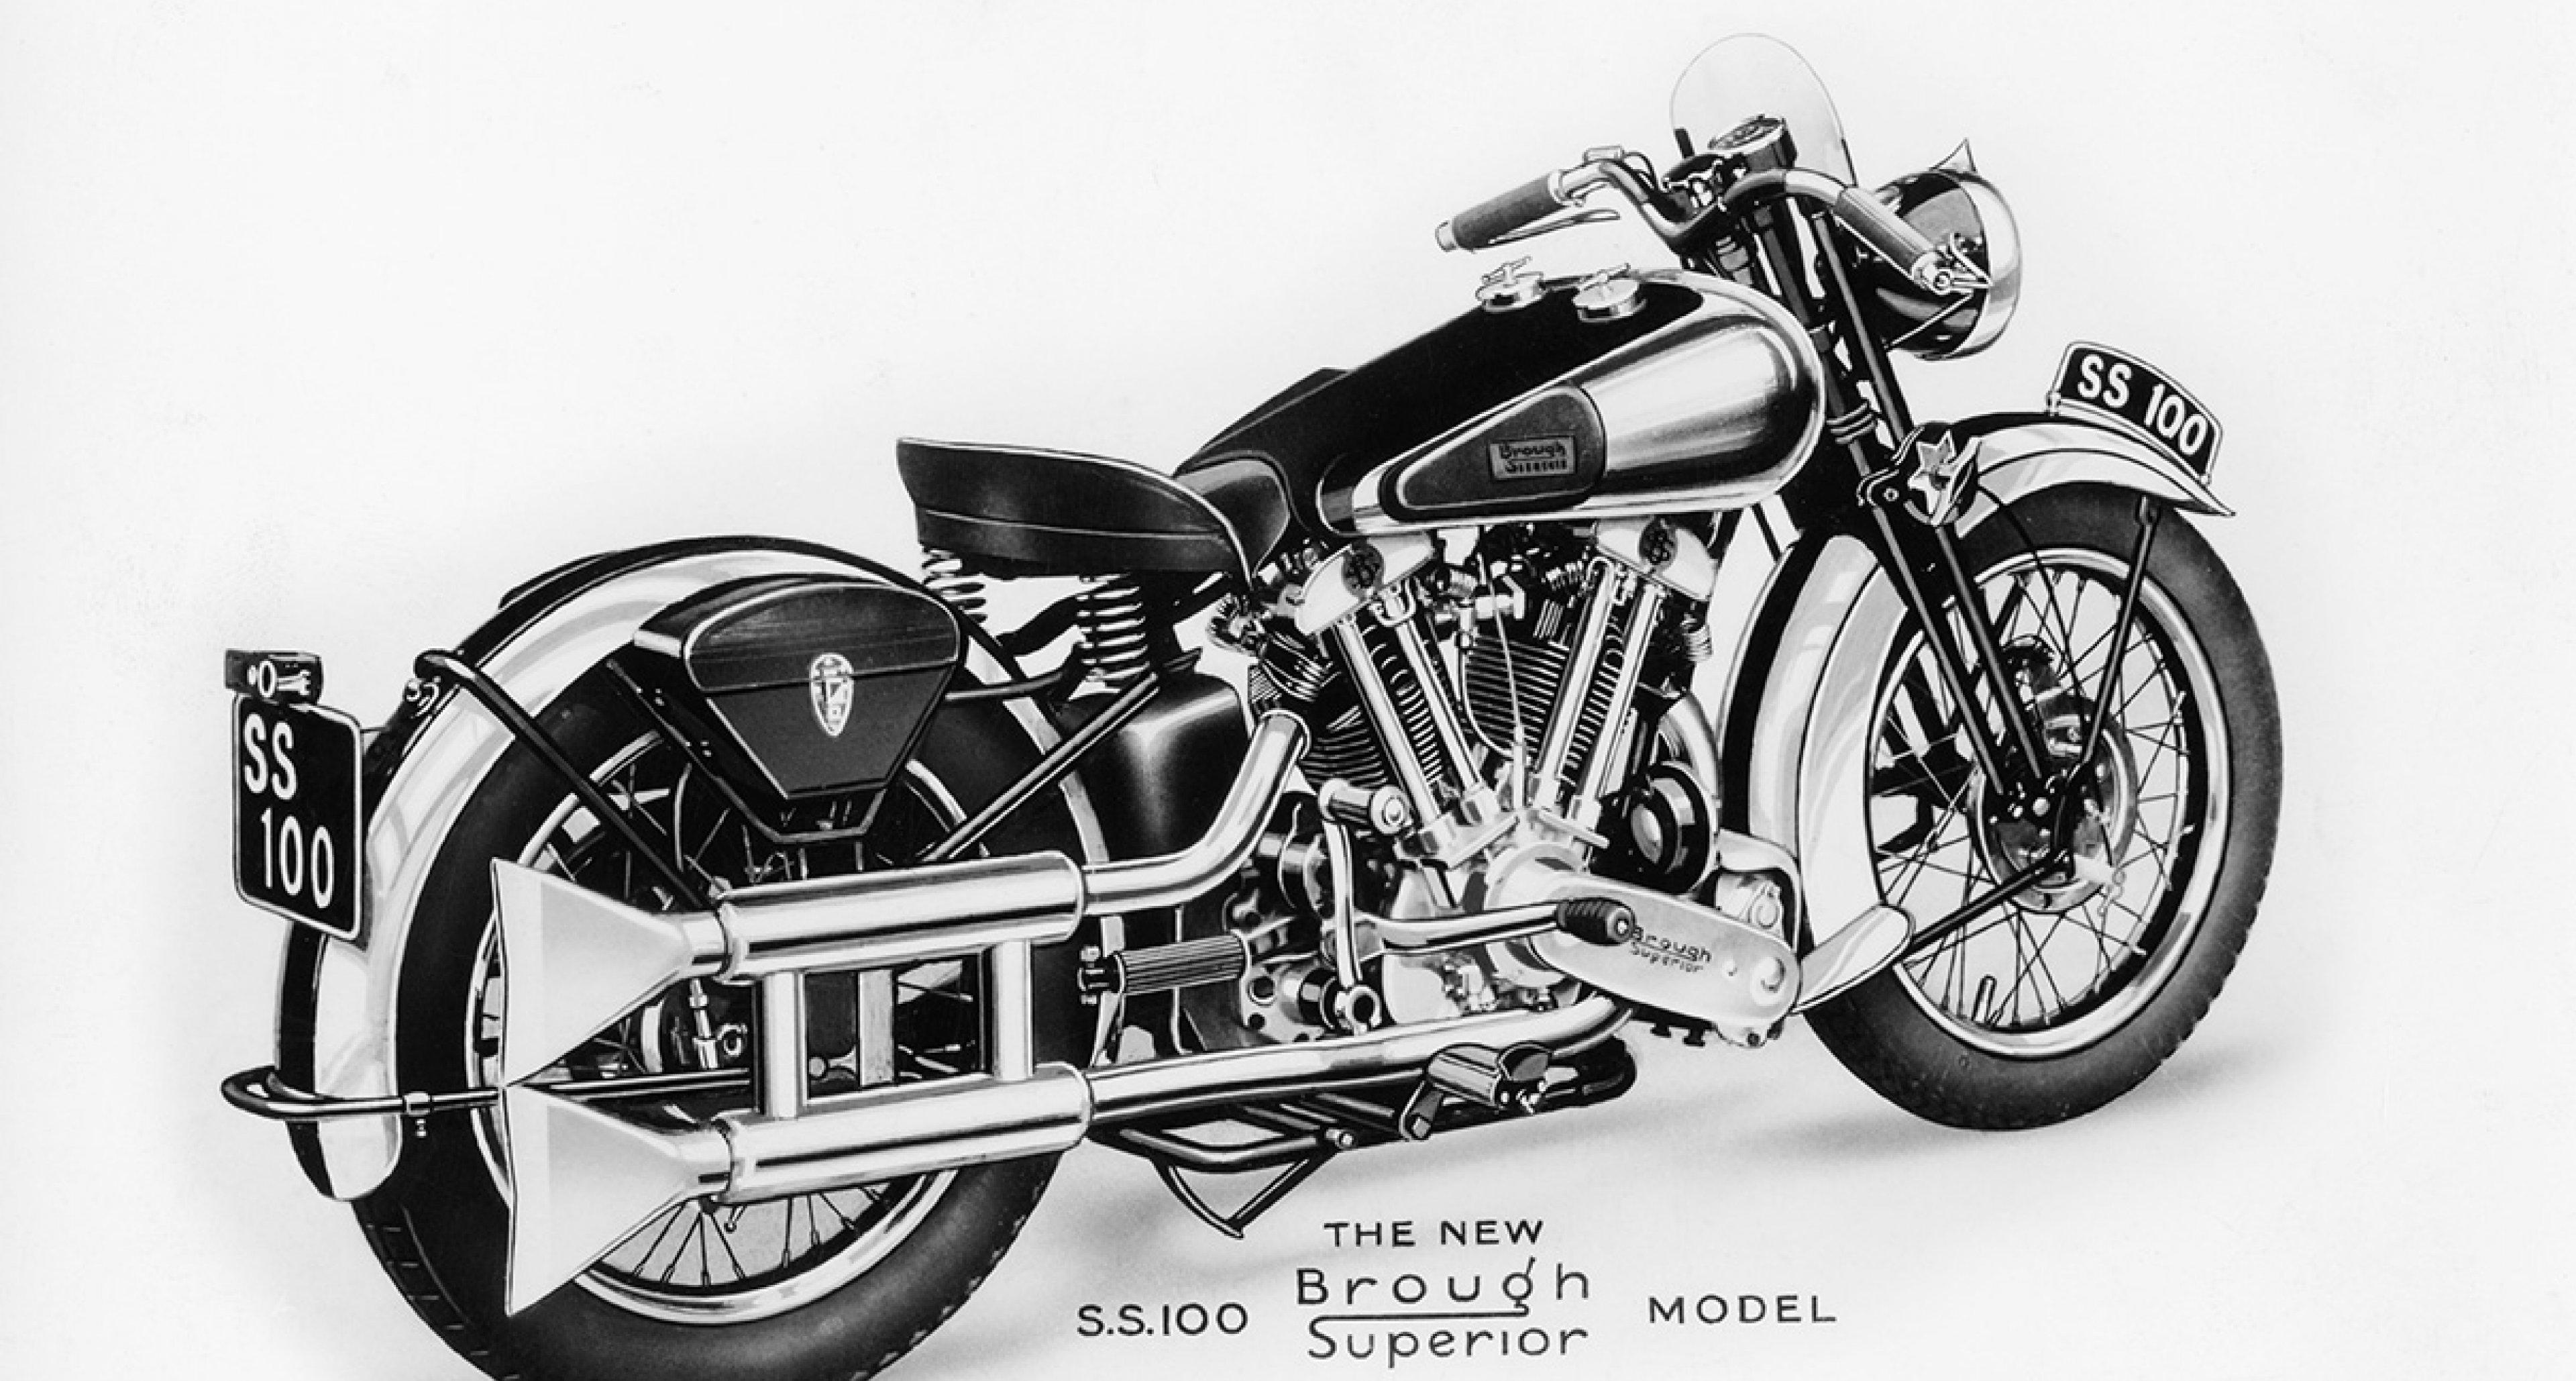 The original Brough Superior SS100